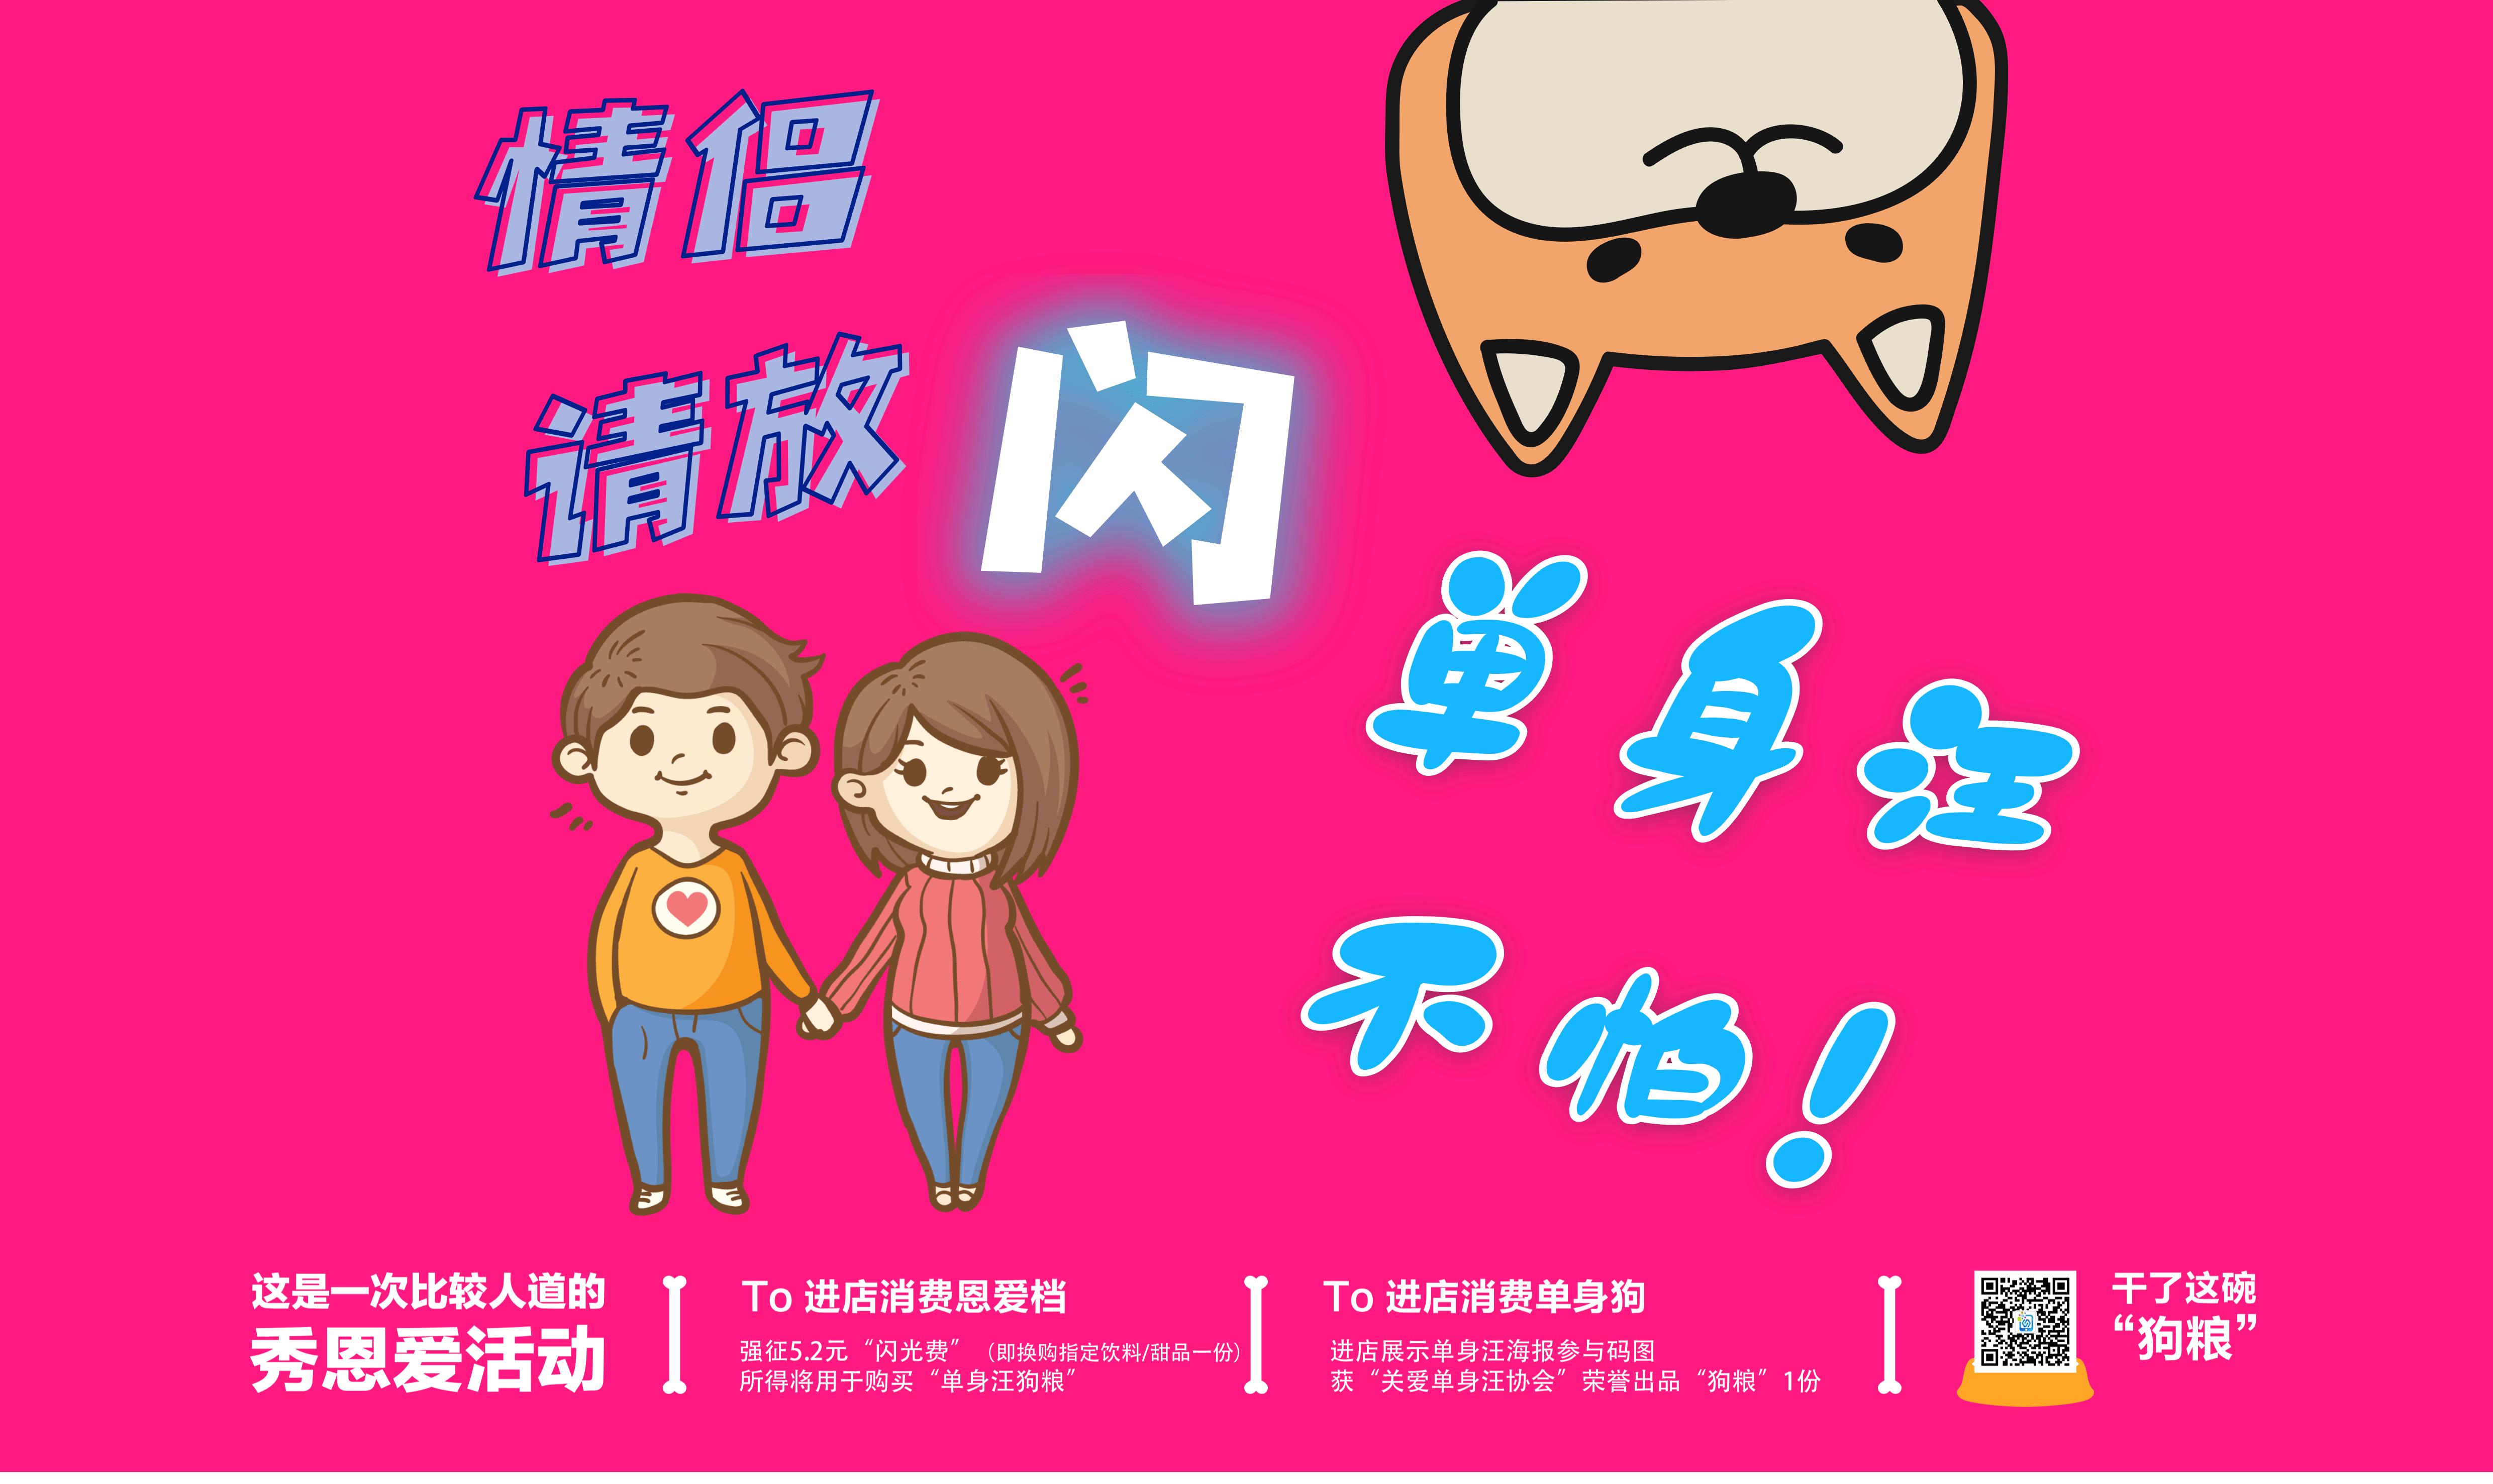 未命名@凡科快图.png